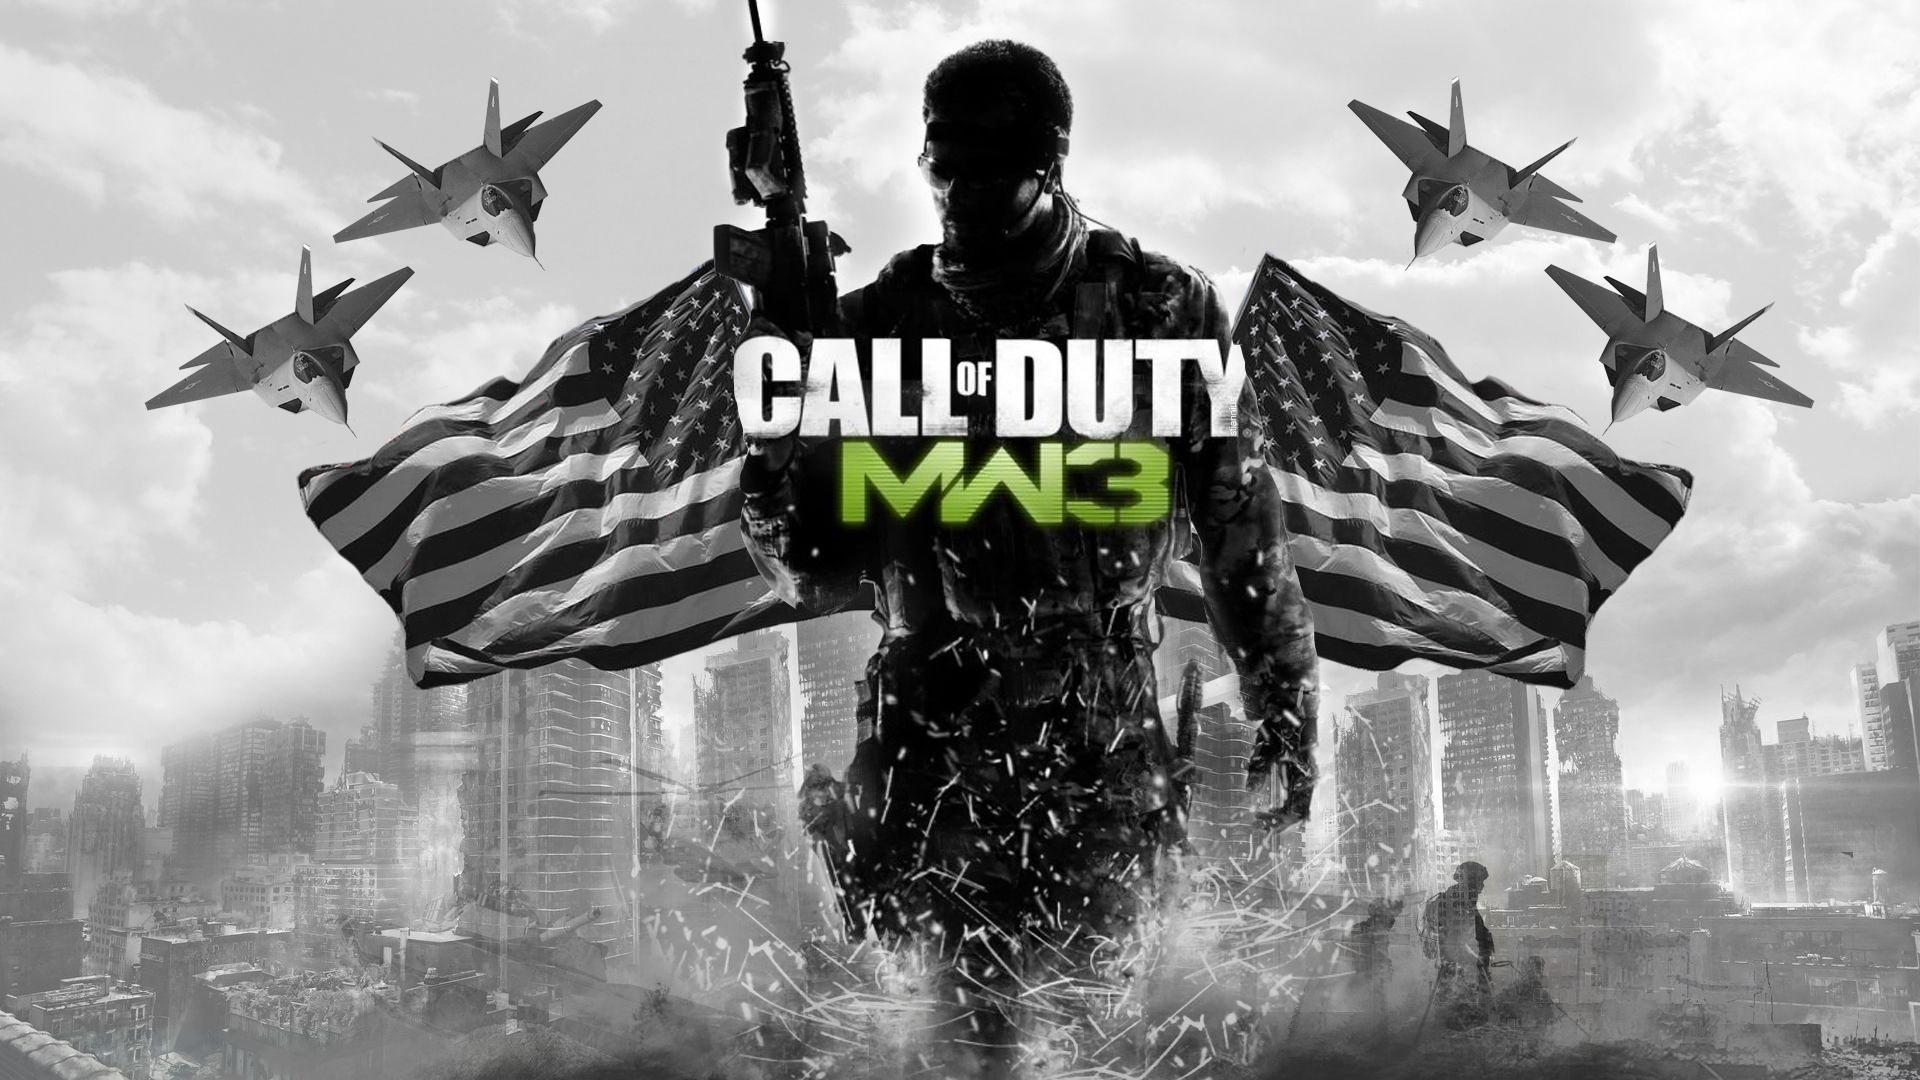 Call Of Duty Modern Warfare 3 Wallpaper 14 Wallpapersbq